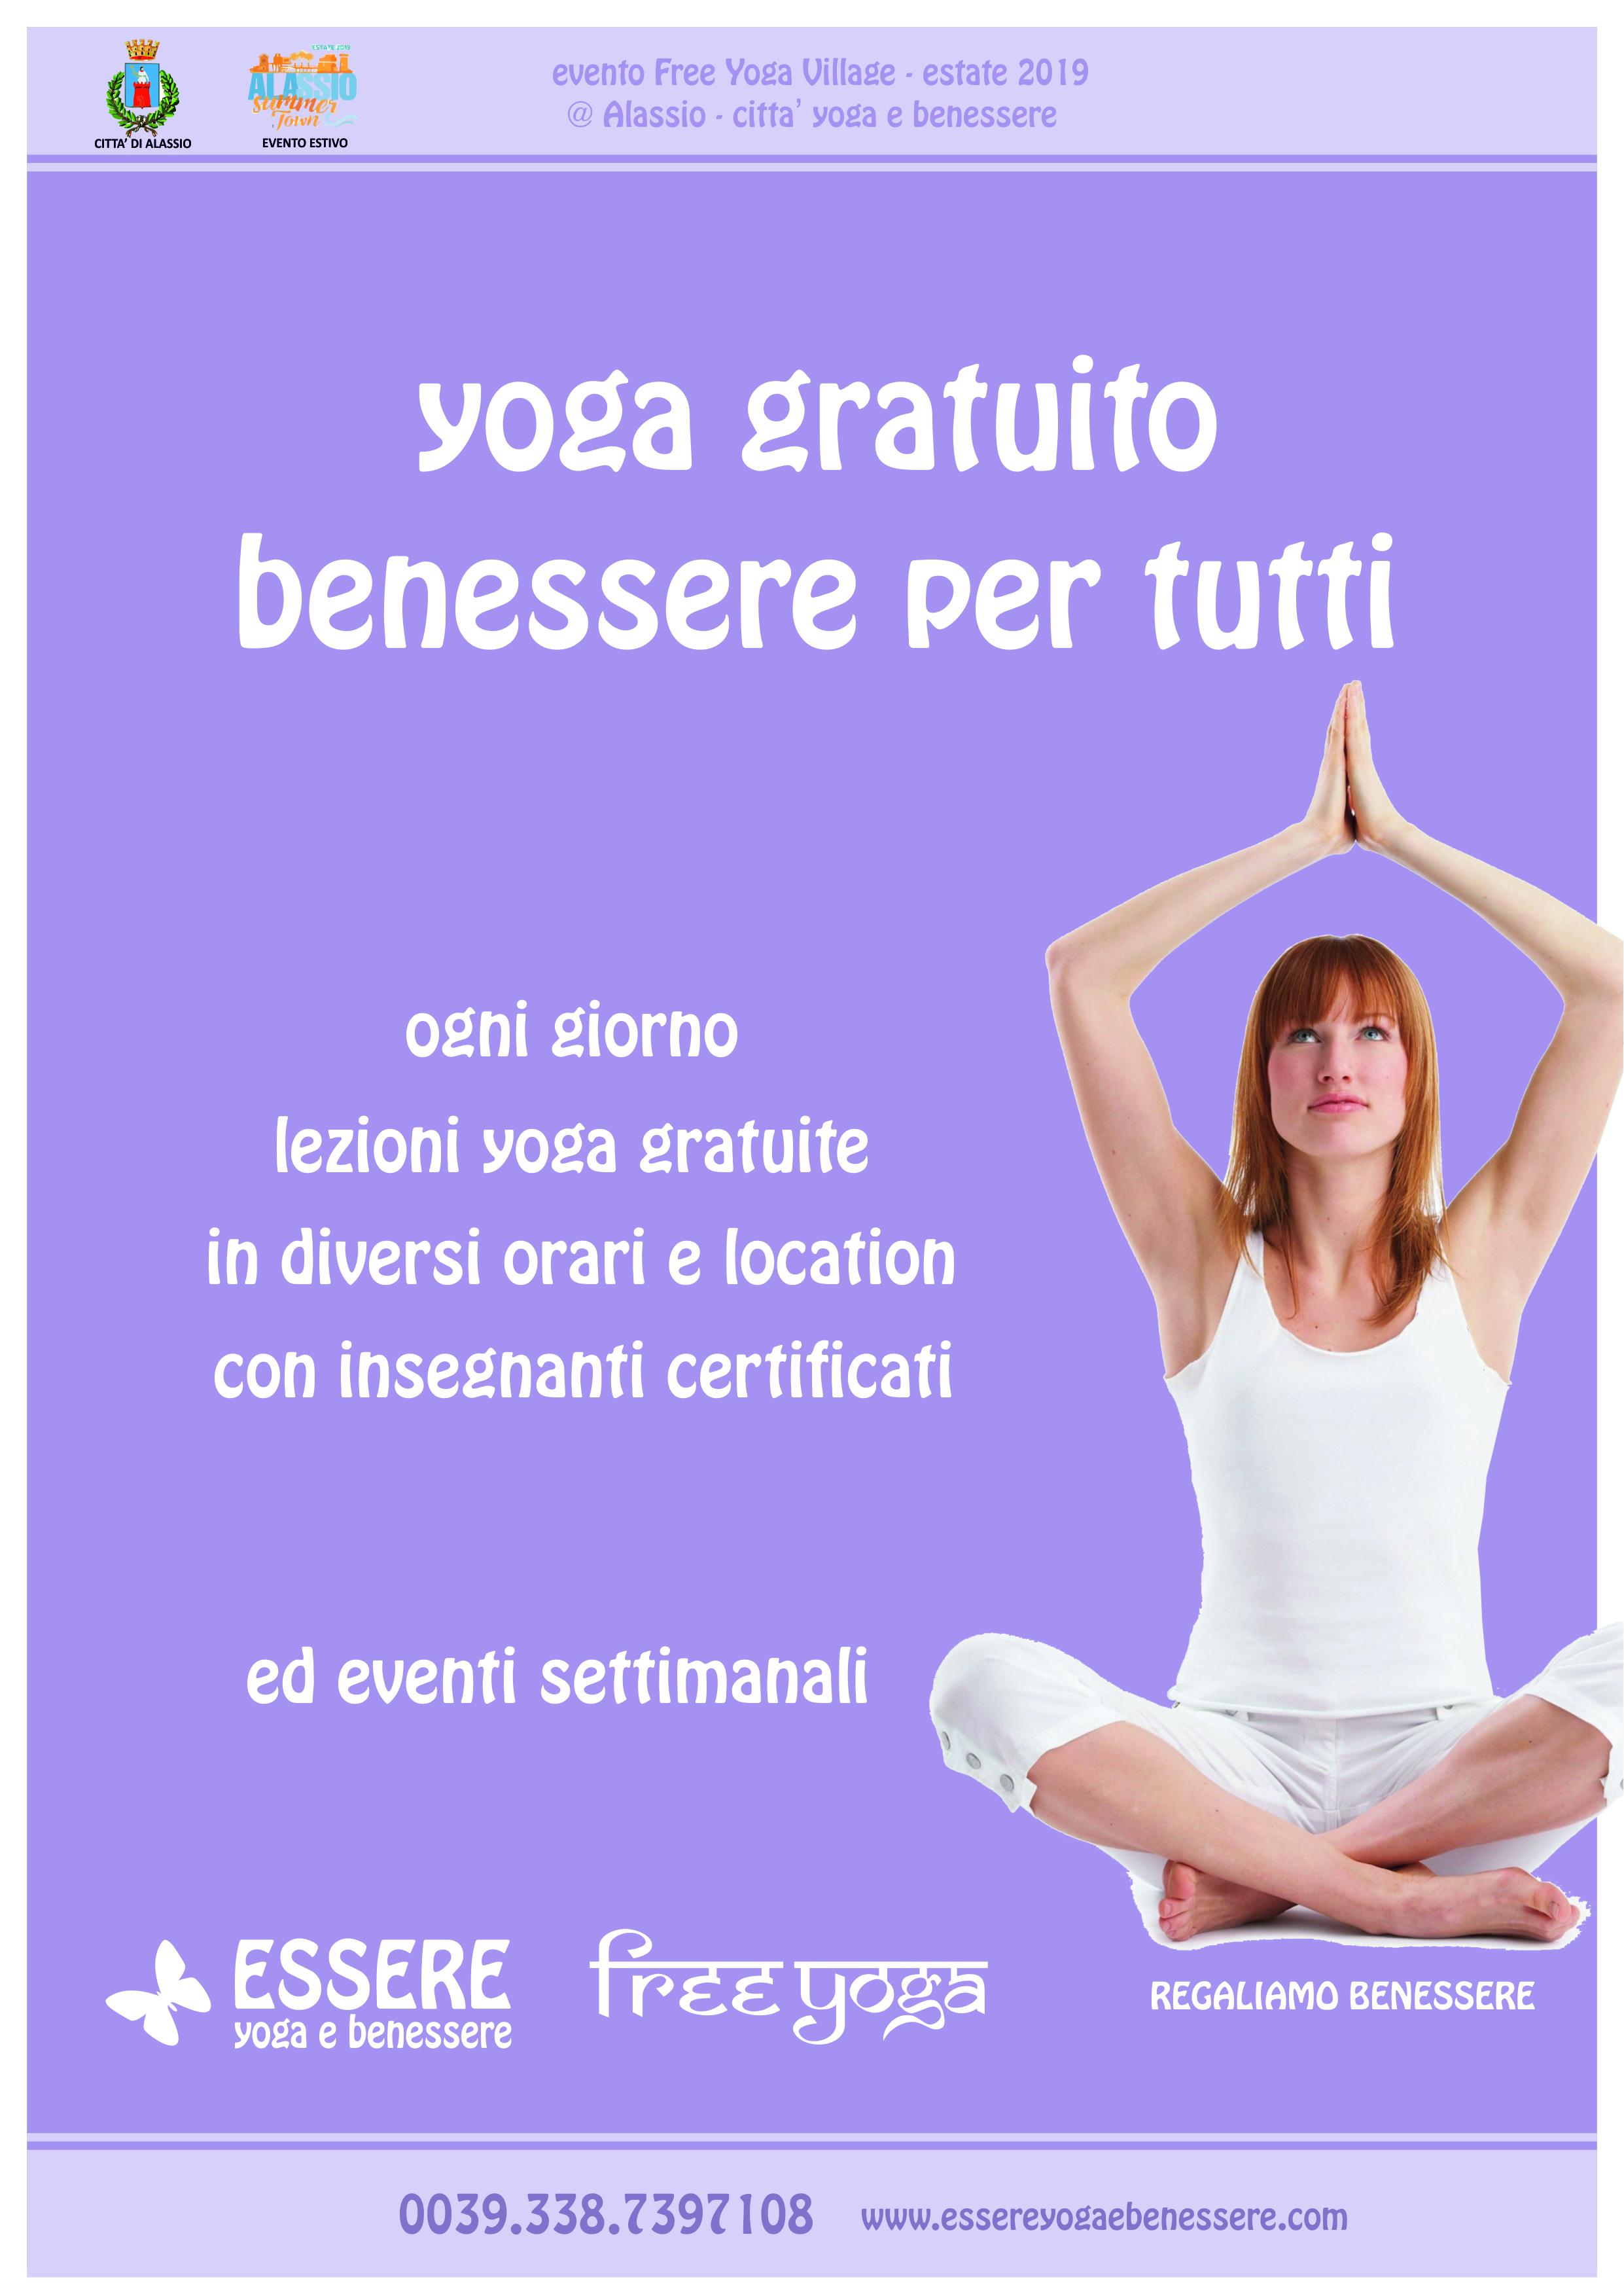 -essere-free-yoga-gratuito-benessere-per-tutti-village-citta-alassio-sport-turismo-estate-lucia-ragazzi-summer-town-wellness.